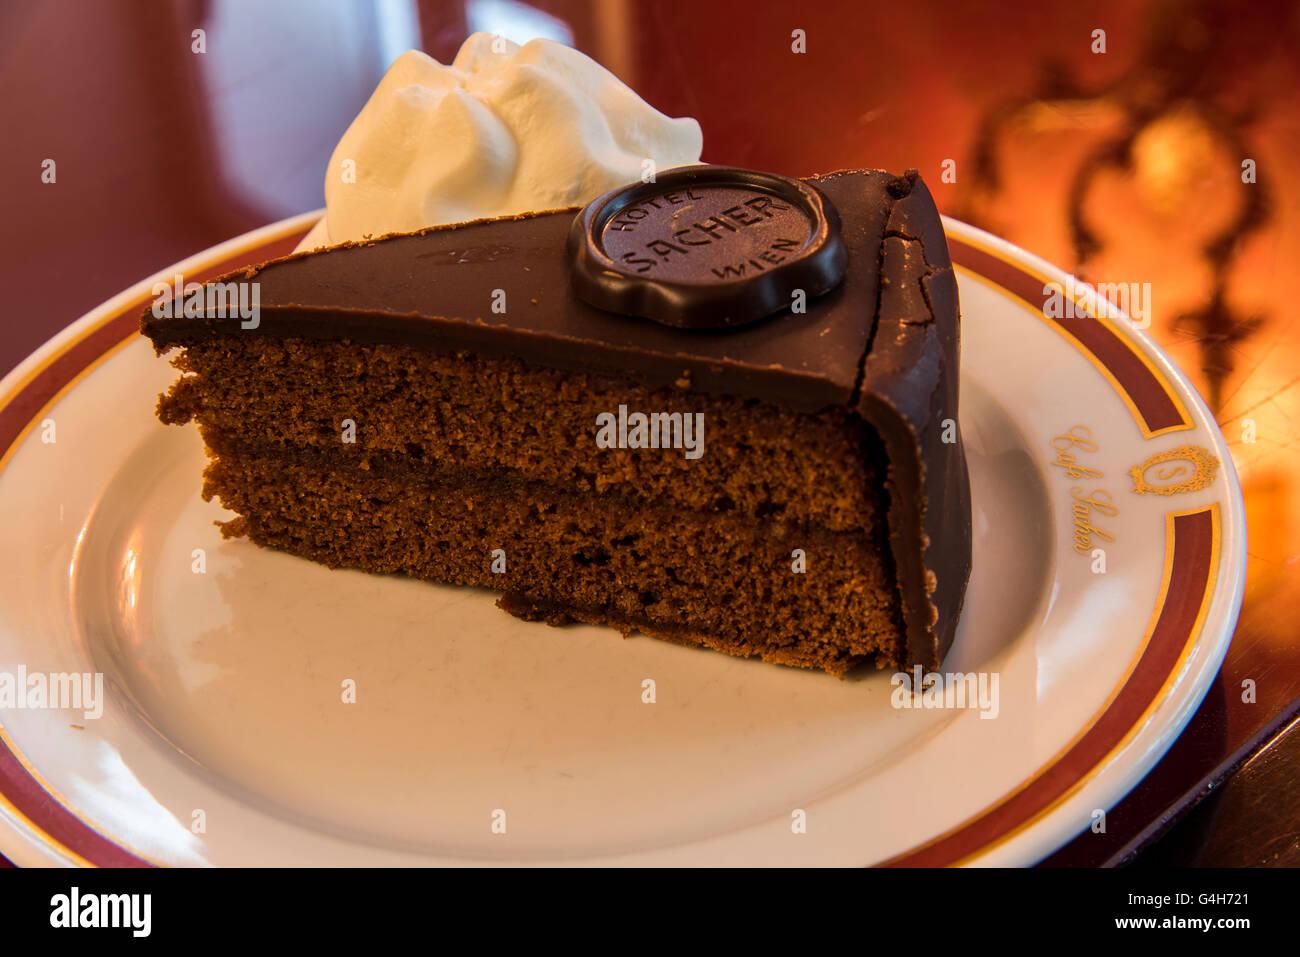 L'originale Sachertorte torta al cioccolato servita presso il Cafe Sacher, Innsbruck, in Tirolo, Austria Immagini Stock